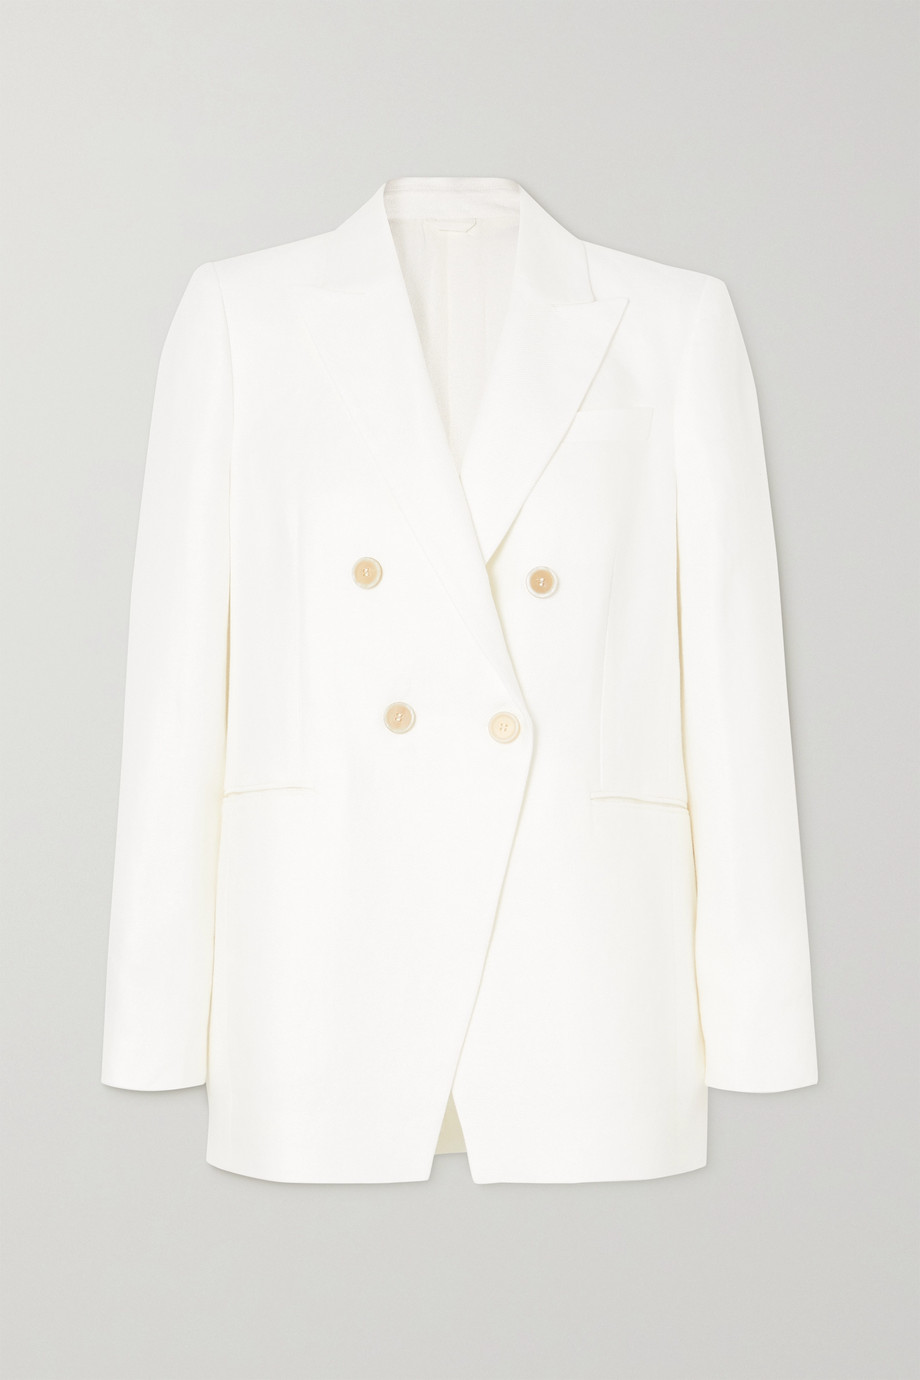 Brunello Cucinelli Double-breasted twill blazer